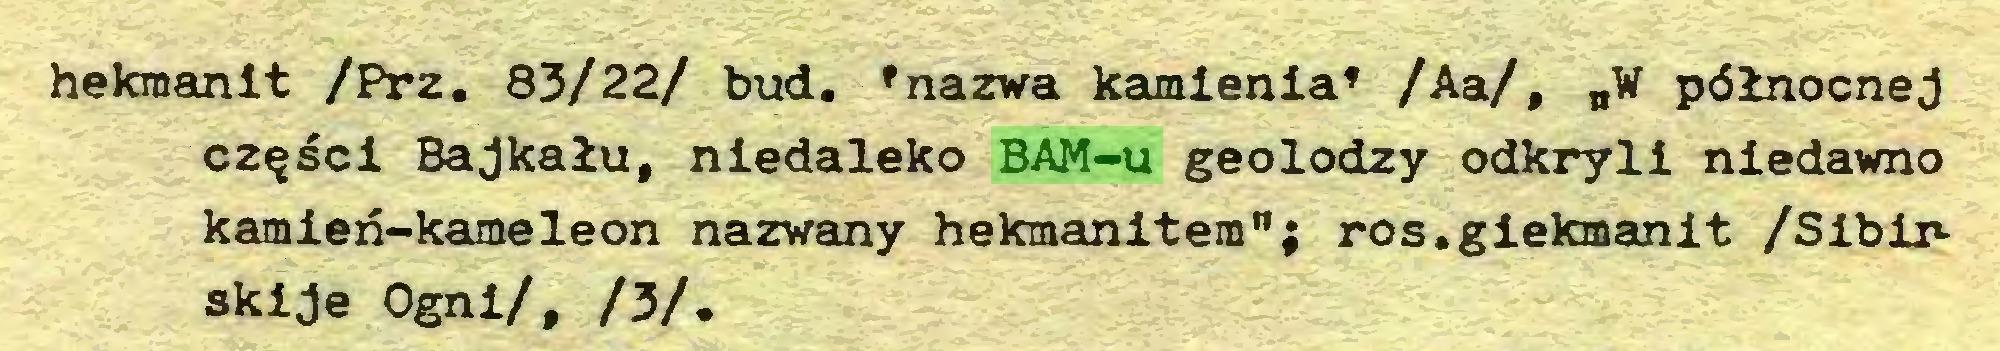 """(...) hekraanit /Prz. 83/22/ bud. »nazwa kamienia' /Aa/, """"W północnej części Bajkału, niedaleko BAM-u geolodzy odkryli niedawno kamień-kameleon nazwany hekmanitem""""; ros.giekmanit /Sibirskije Ogni/, /3/..."""